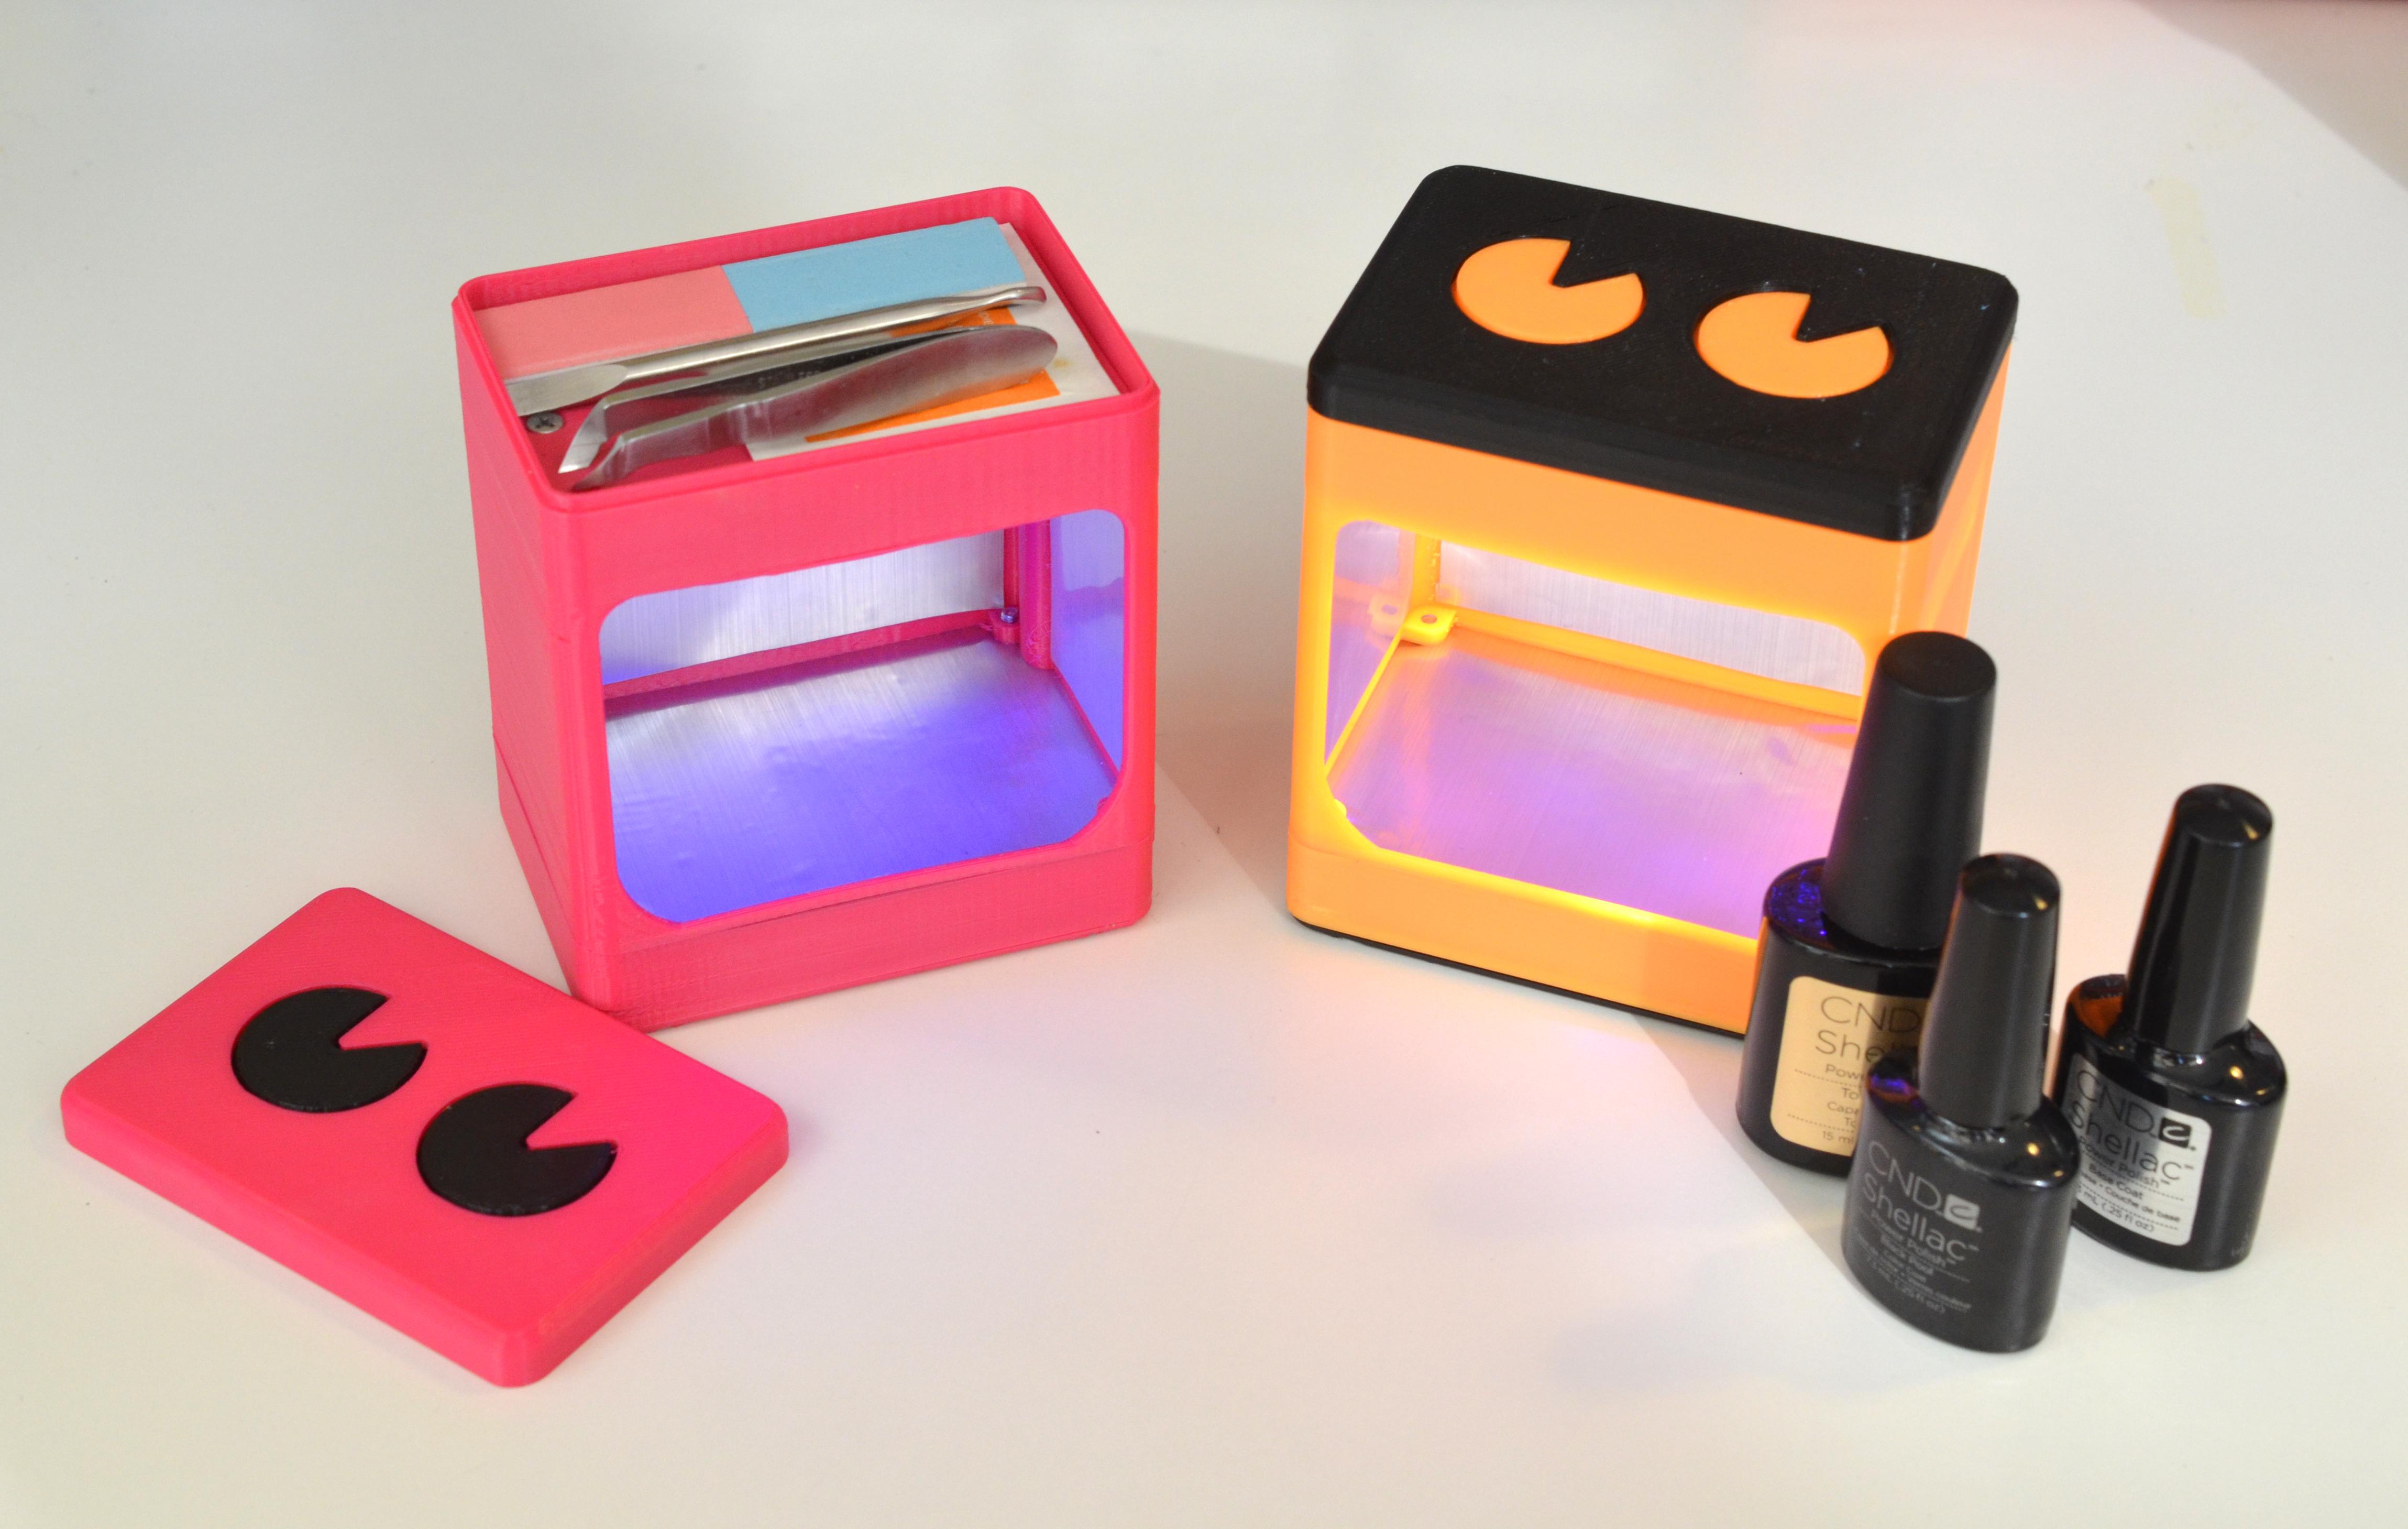 leds_uv-manicure-lamp-both-together.jpg